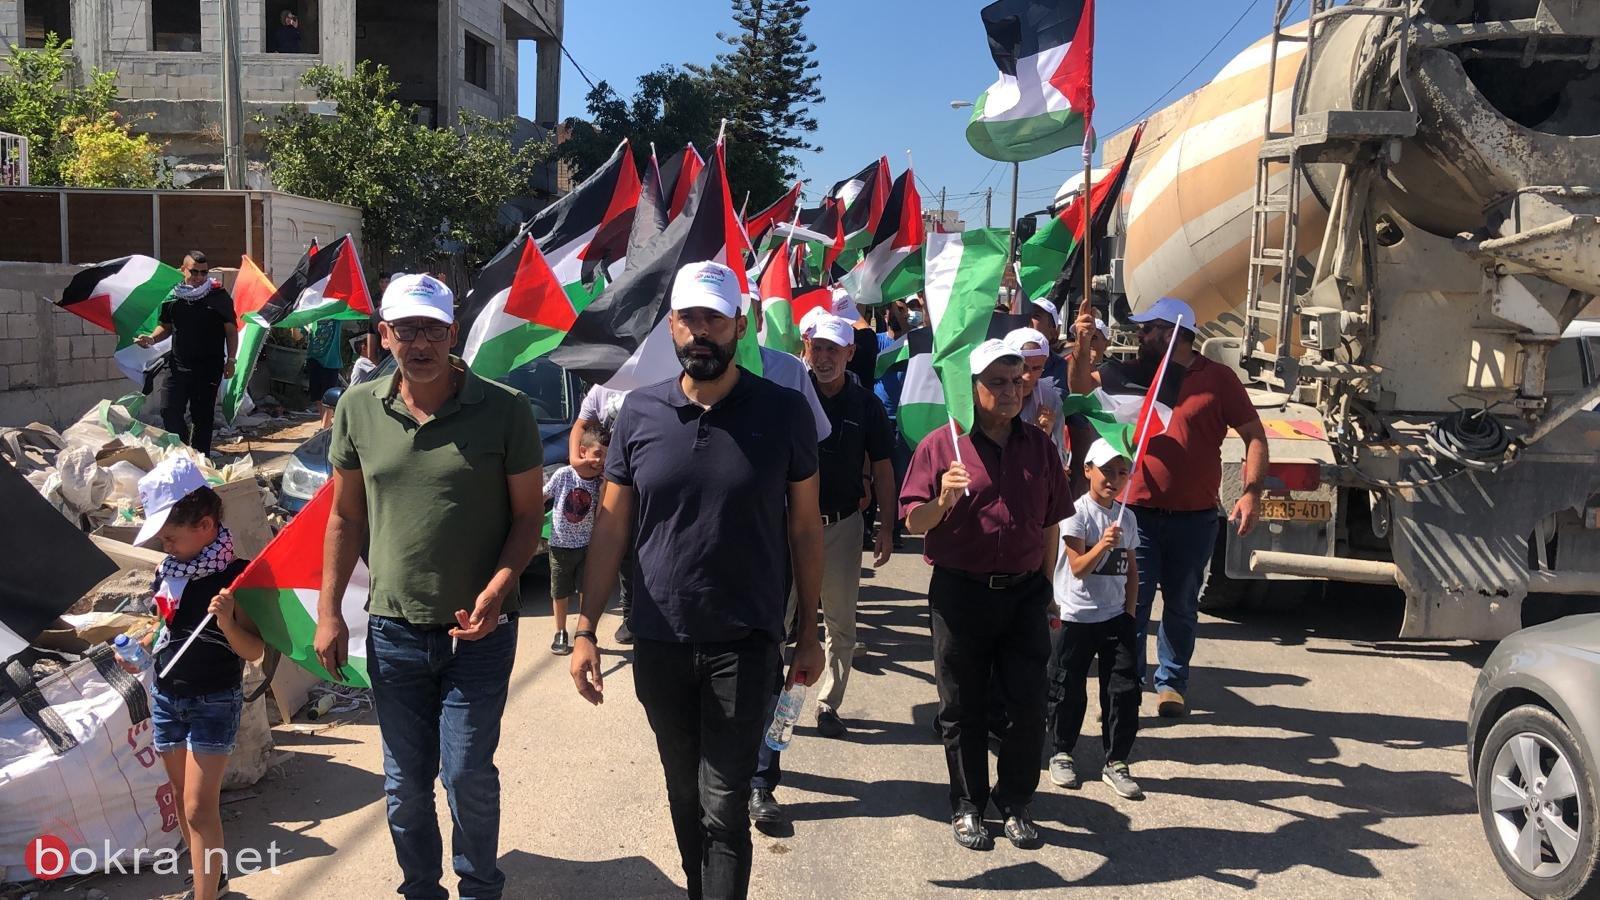 الأولى من نوعها.. مسيرة أعلام فلسطينية في الـ 48-4